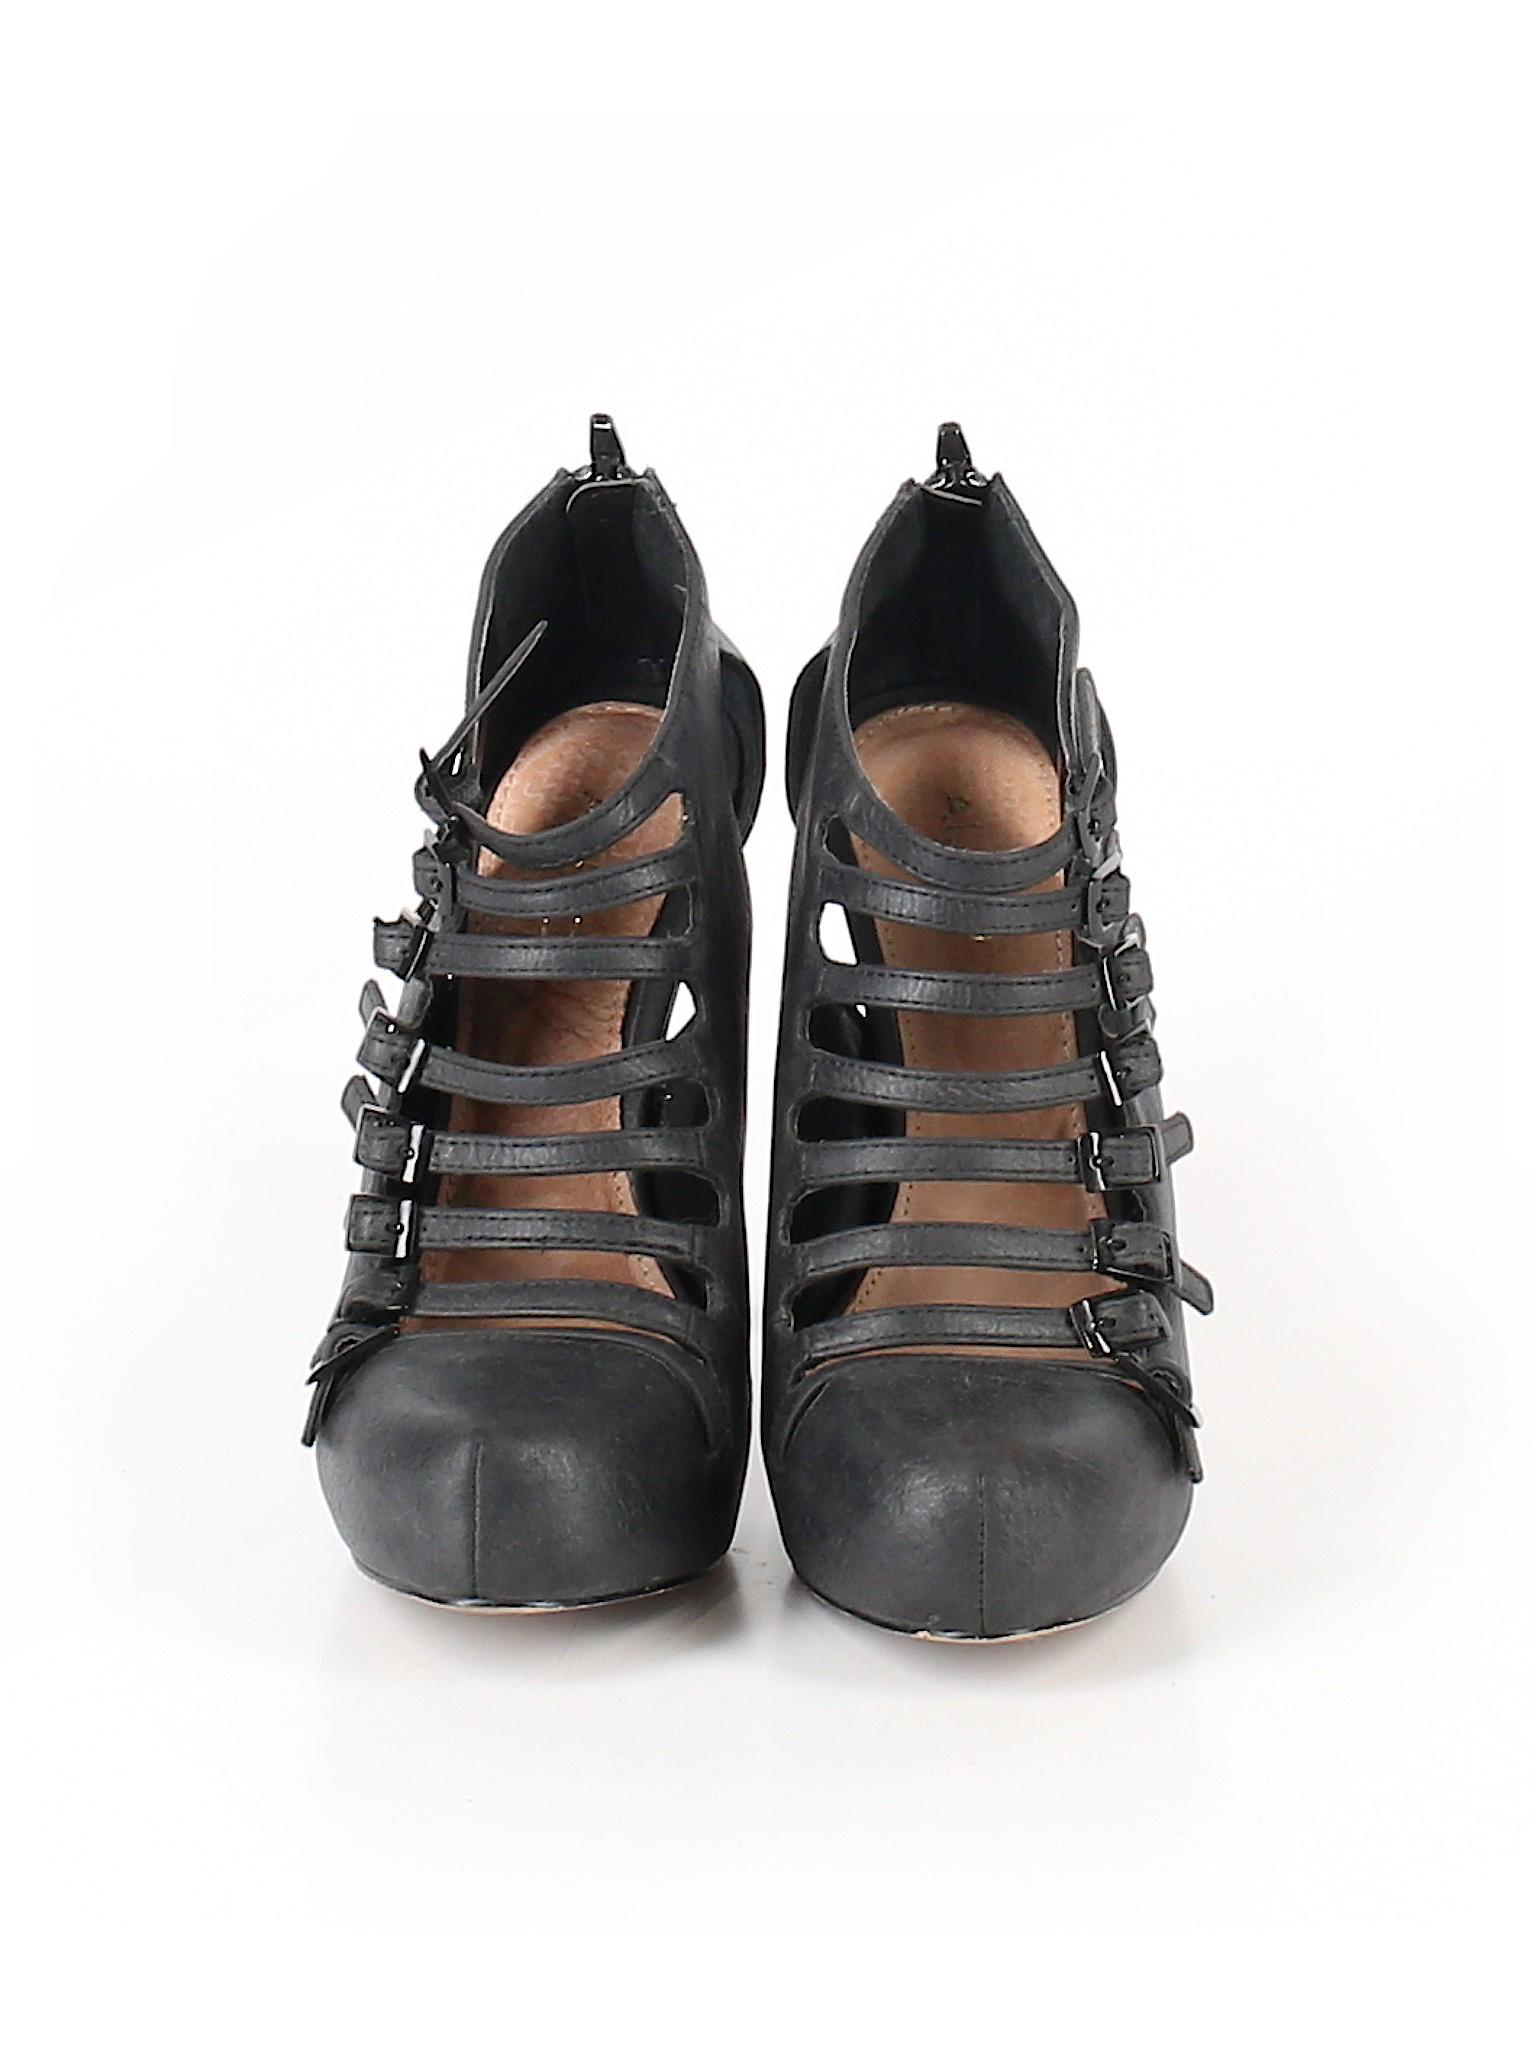 Boutique Ankle promotion Aldo promotion Boots Boutique rHrBWP8